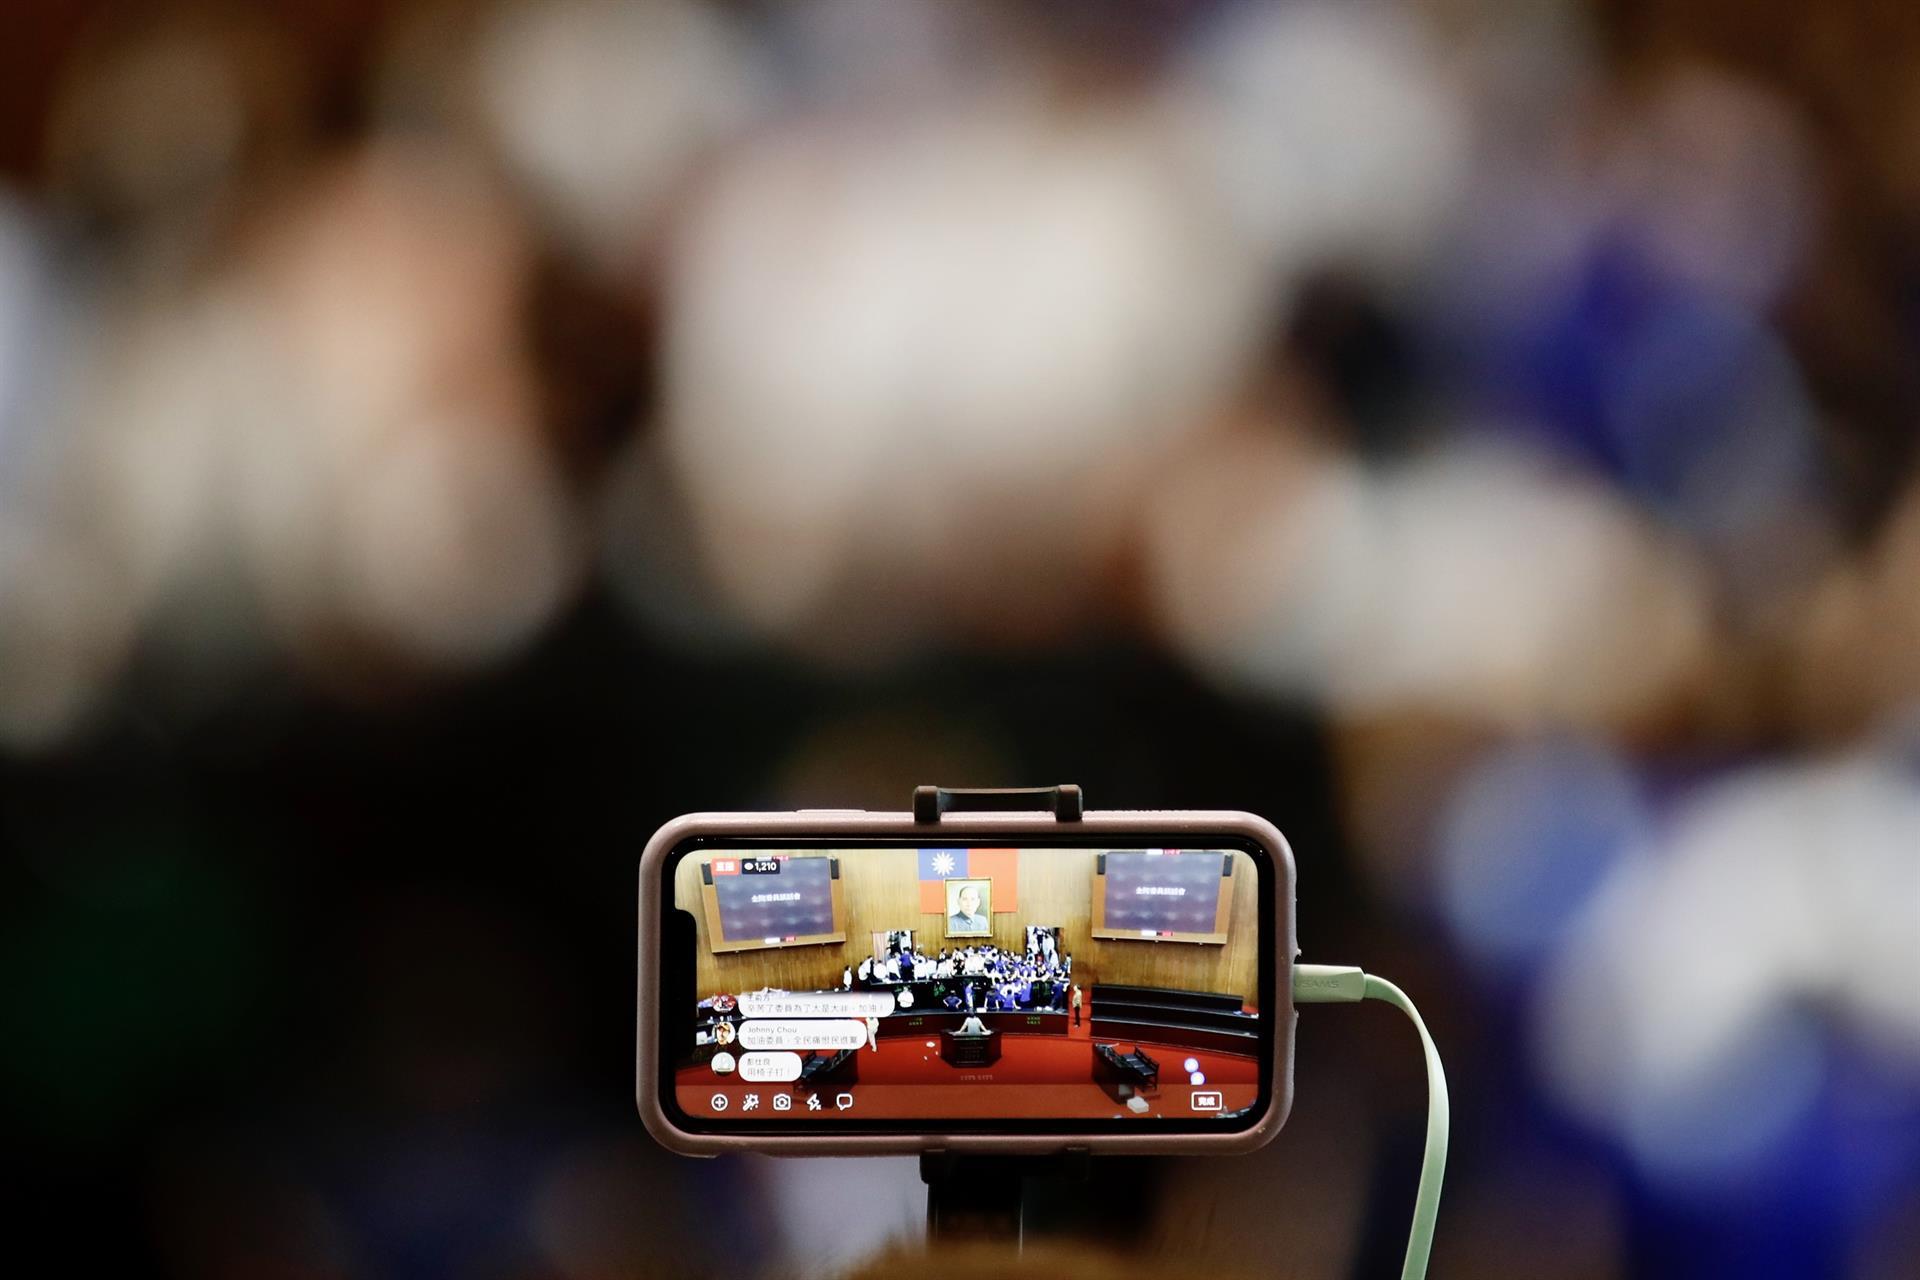 Una de las mesas redondas tratará sobre el uso del móvil a la hora de registrar momentos históricos recientes. EFE/EPA/RITCHIE B. TONGO/Archivo